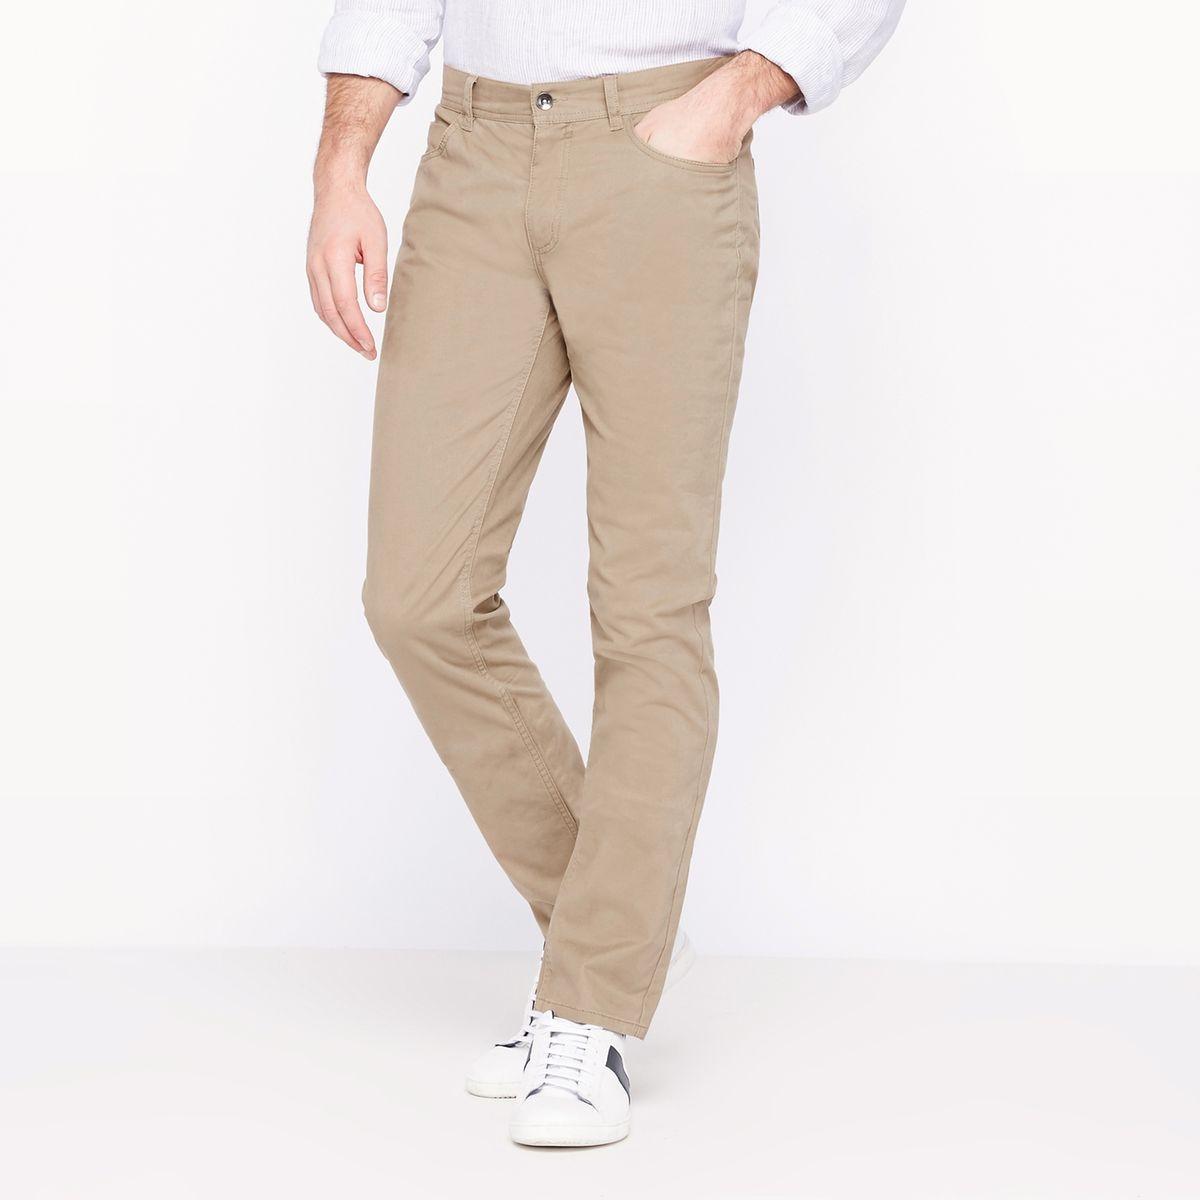 Du Comparateur Page Et Catégorie Pantalons 8 D'achat Hommes Guide c4pggIq0H